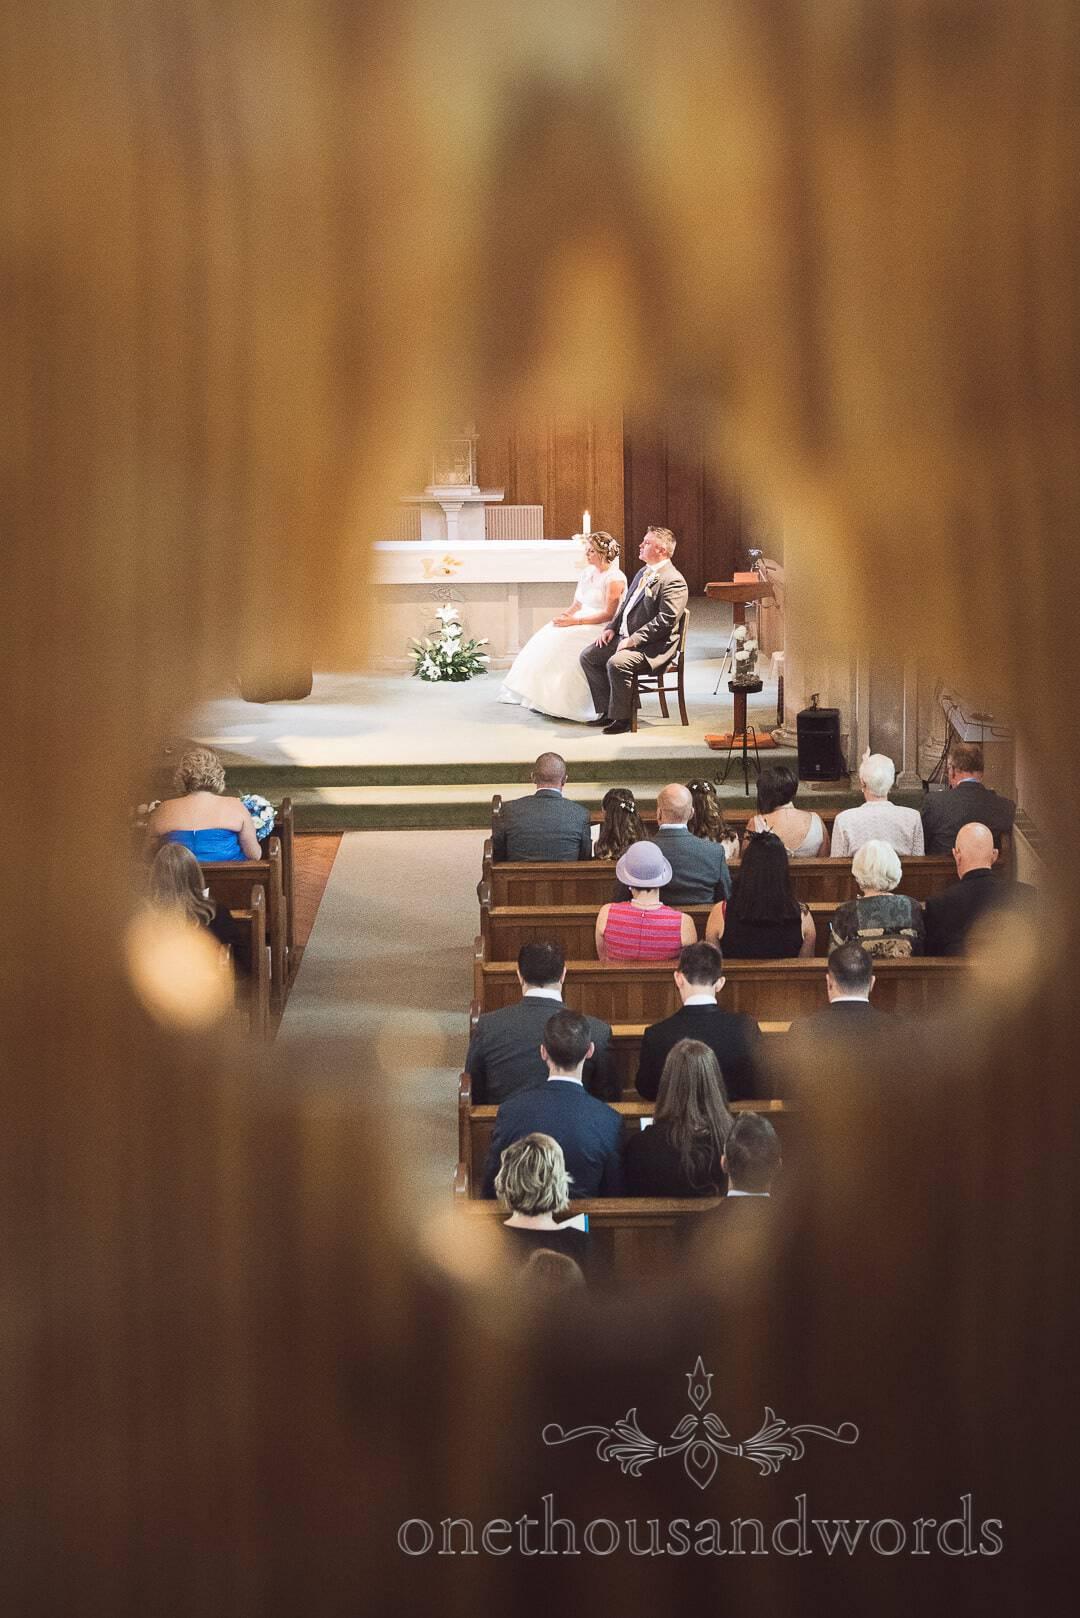 Catholic wedding ceremony photographed through wooden detail hole